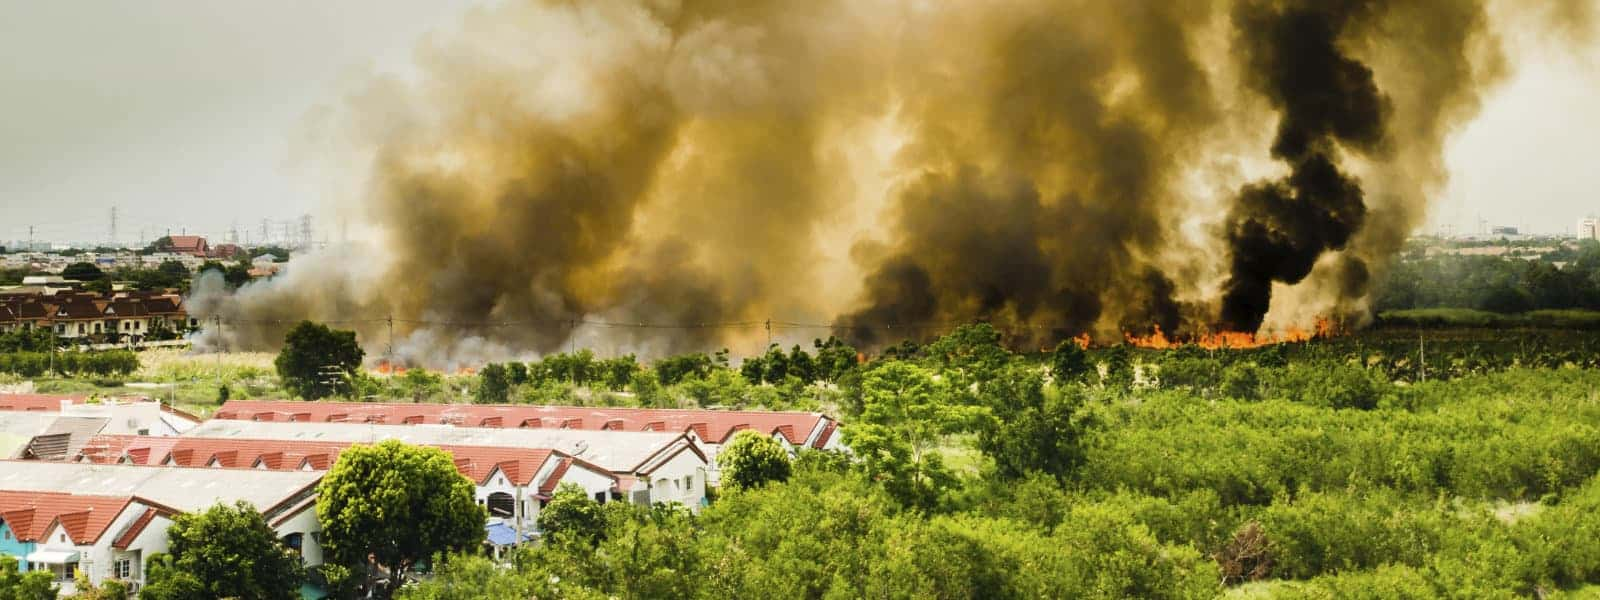 Feuer - Brand - Häuser